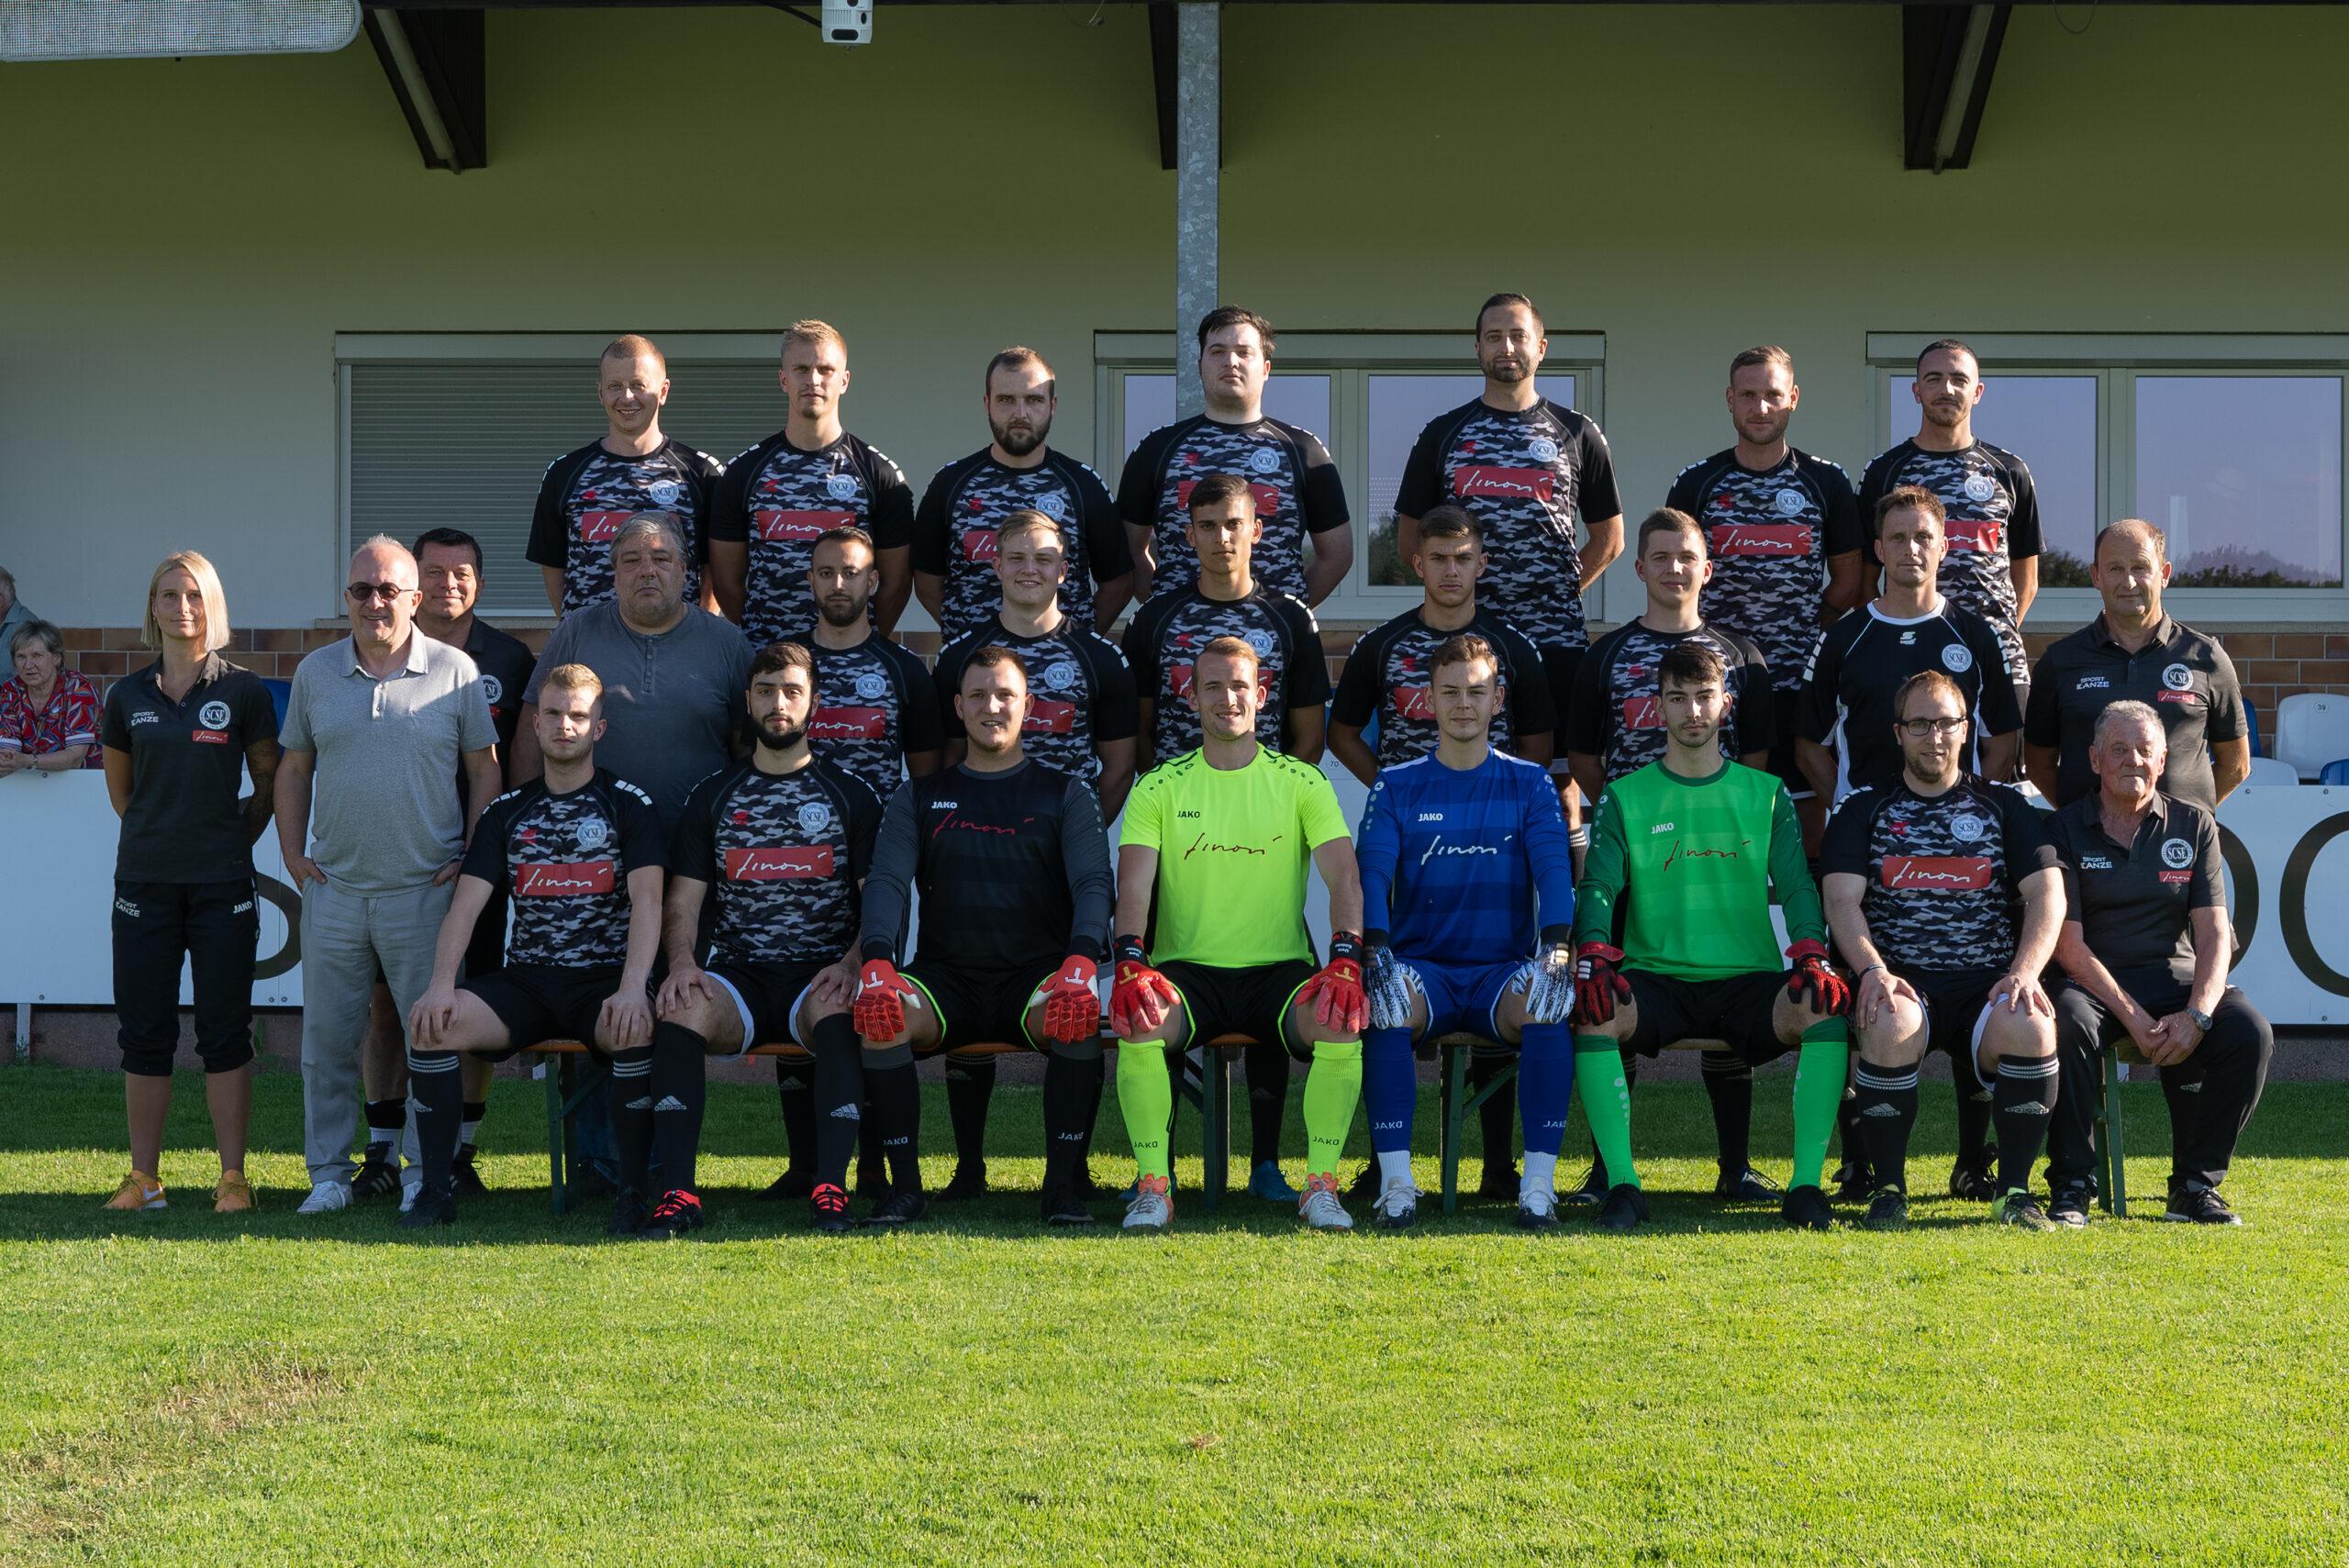 3. Spieltag Kreisklasse 1 Co/KC/LIF unserer 2. Mannschaft SV Meilschnitz – SC Sylvia Ebersdorf 1912 e.V. Spielbericht / Ergebnis